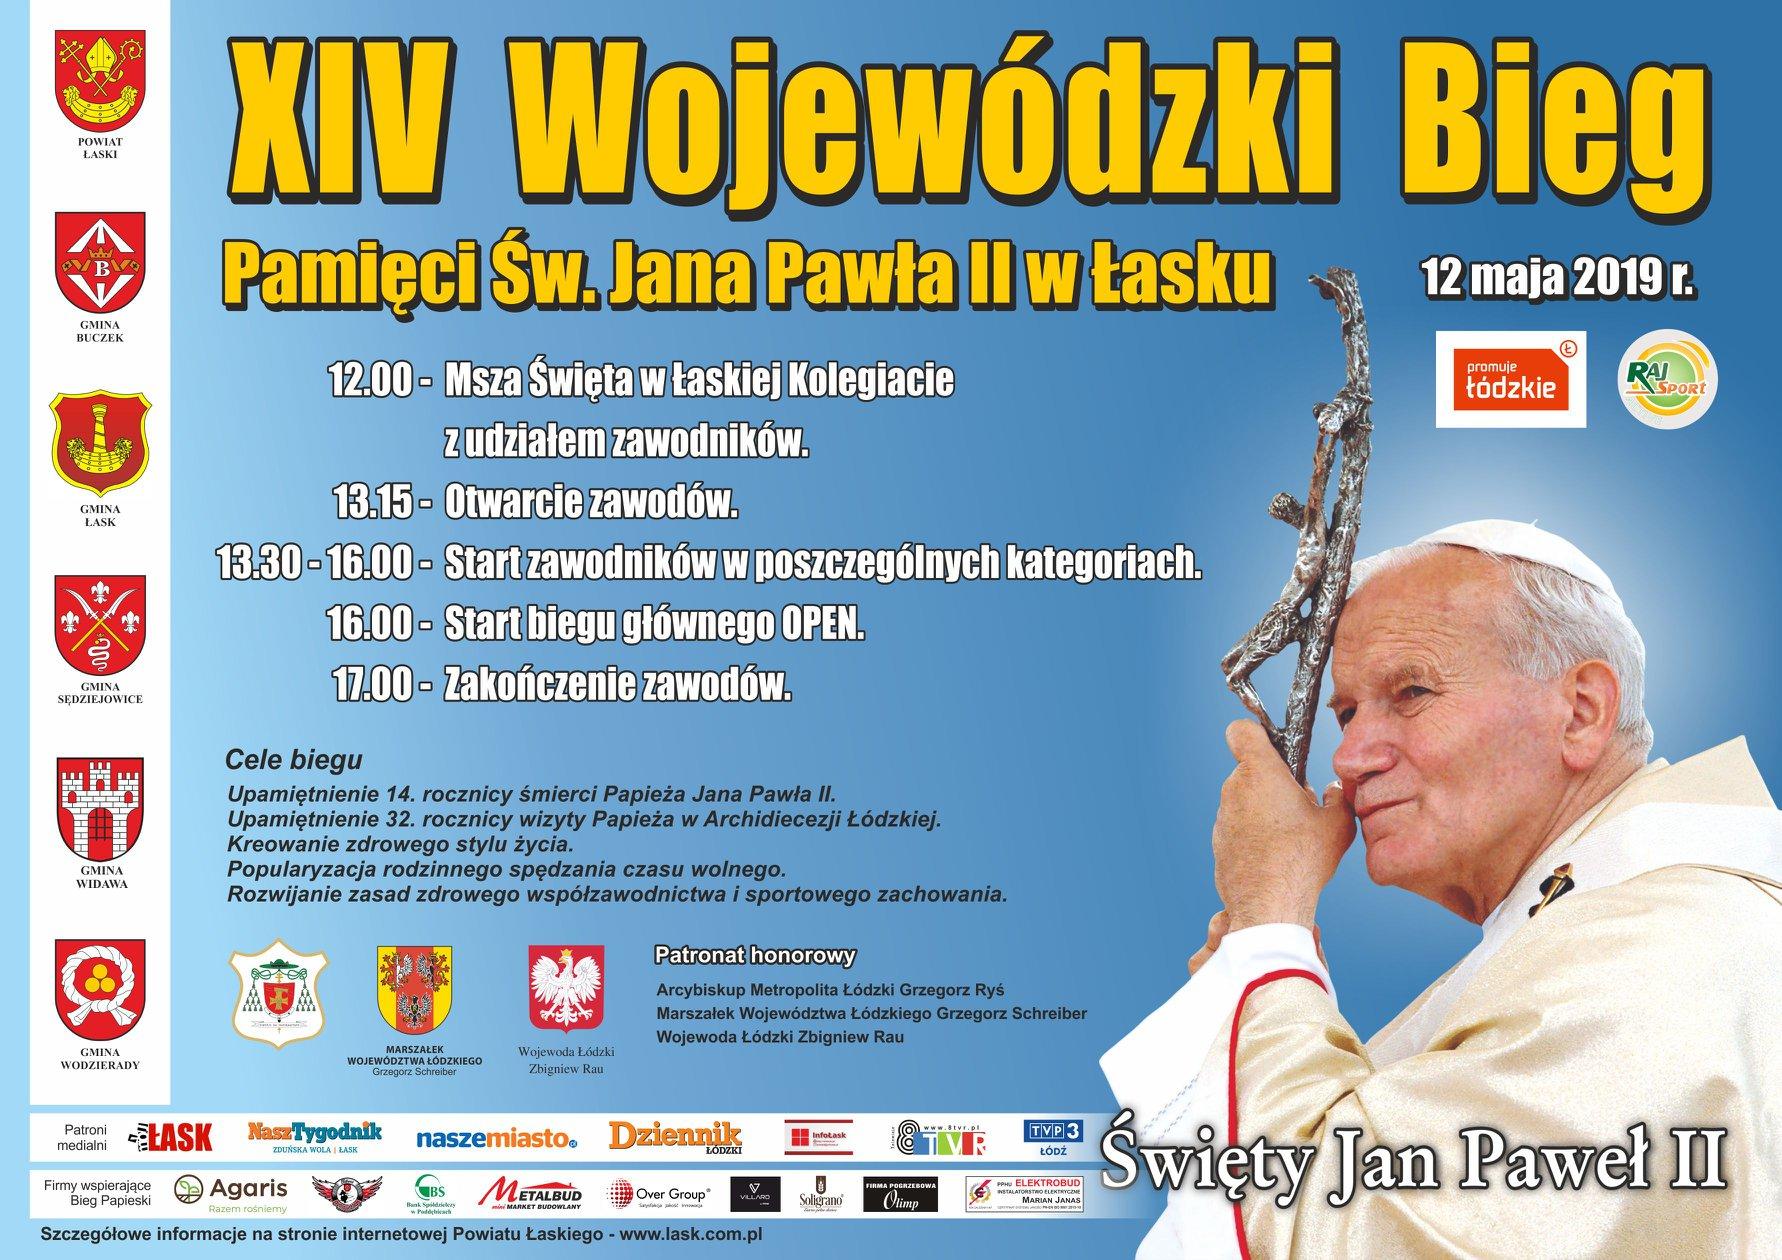 XIV Wojewódzki Bieg Pamięci Św. Jana Pawła II